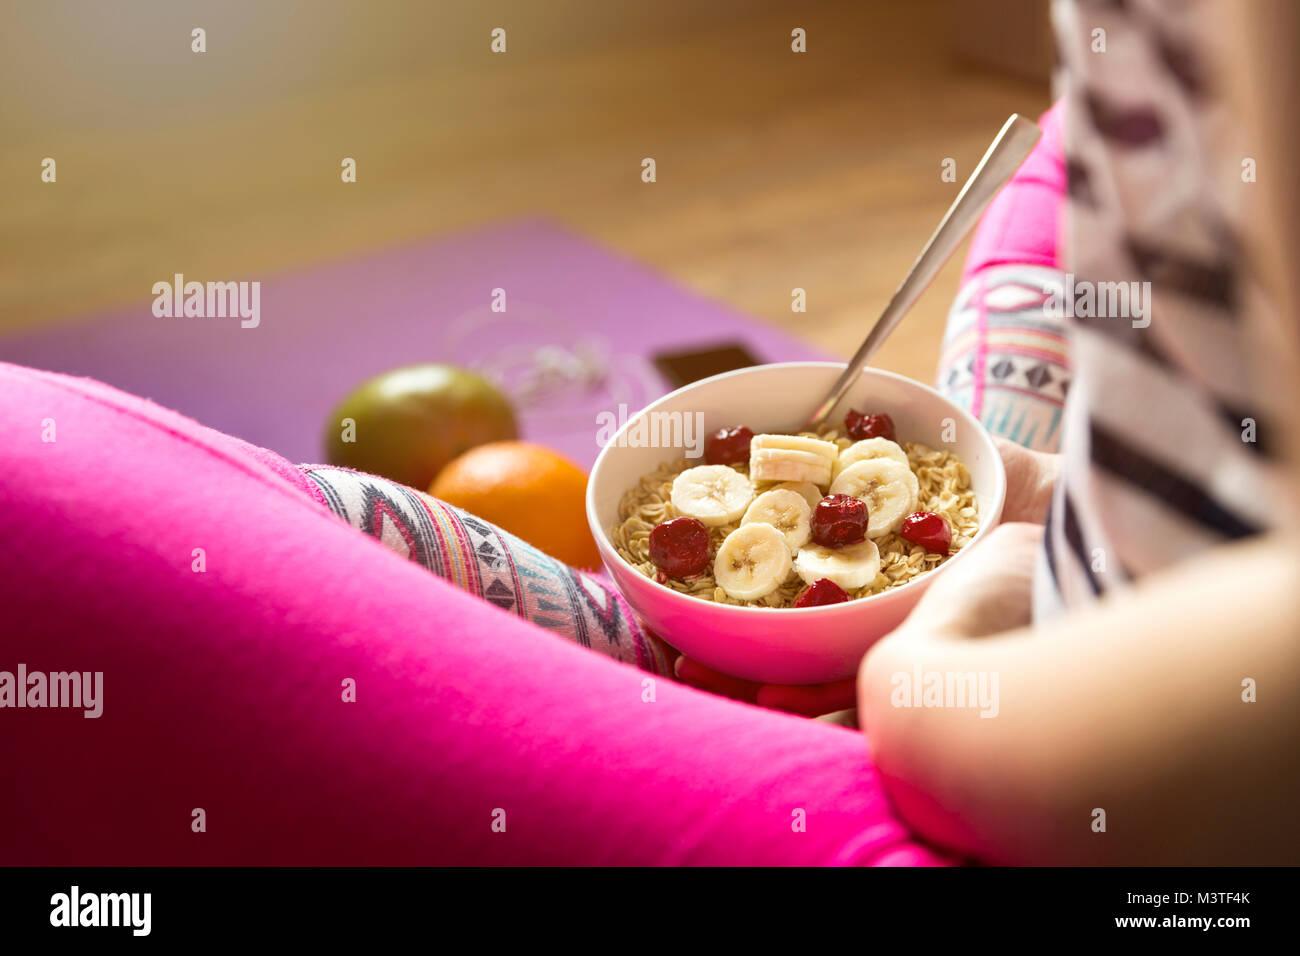 Young Girl eating a gruau aux fruits rouges après une séance . Concept de remise en forme et d'un Photo Stock